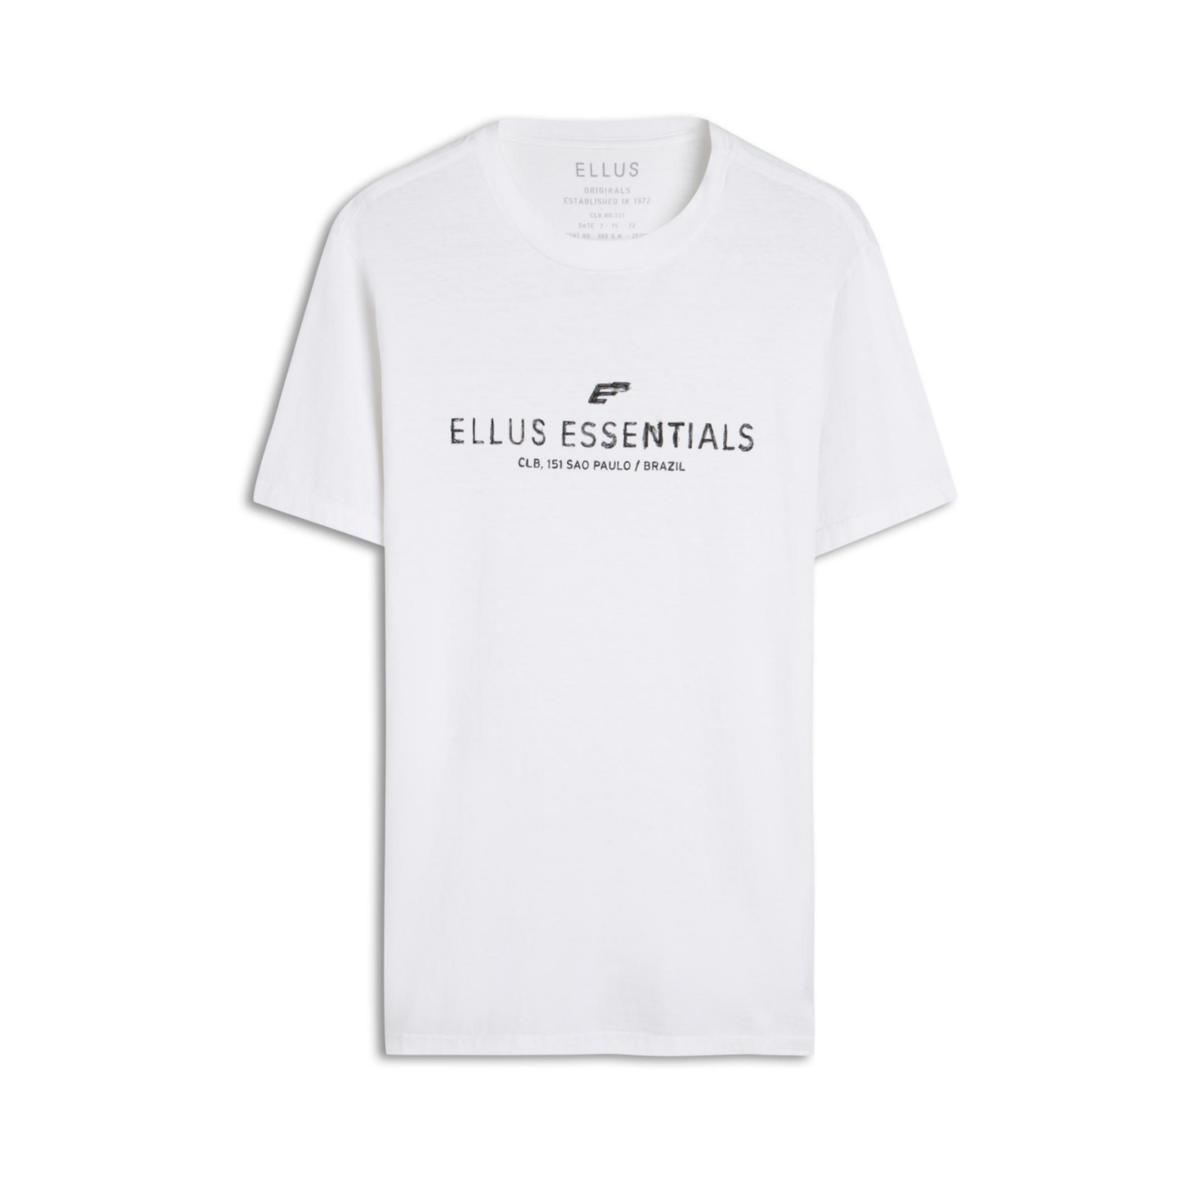 Camiseta Masculina Ellus 53c5818 01 Branco